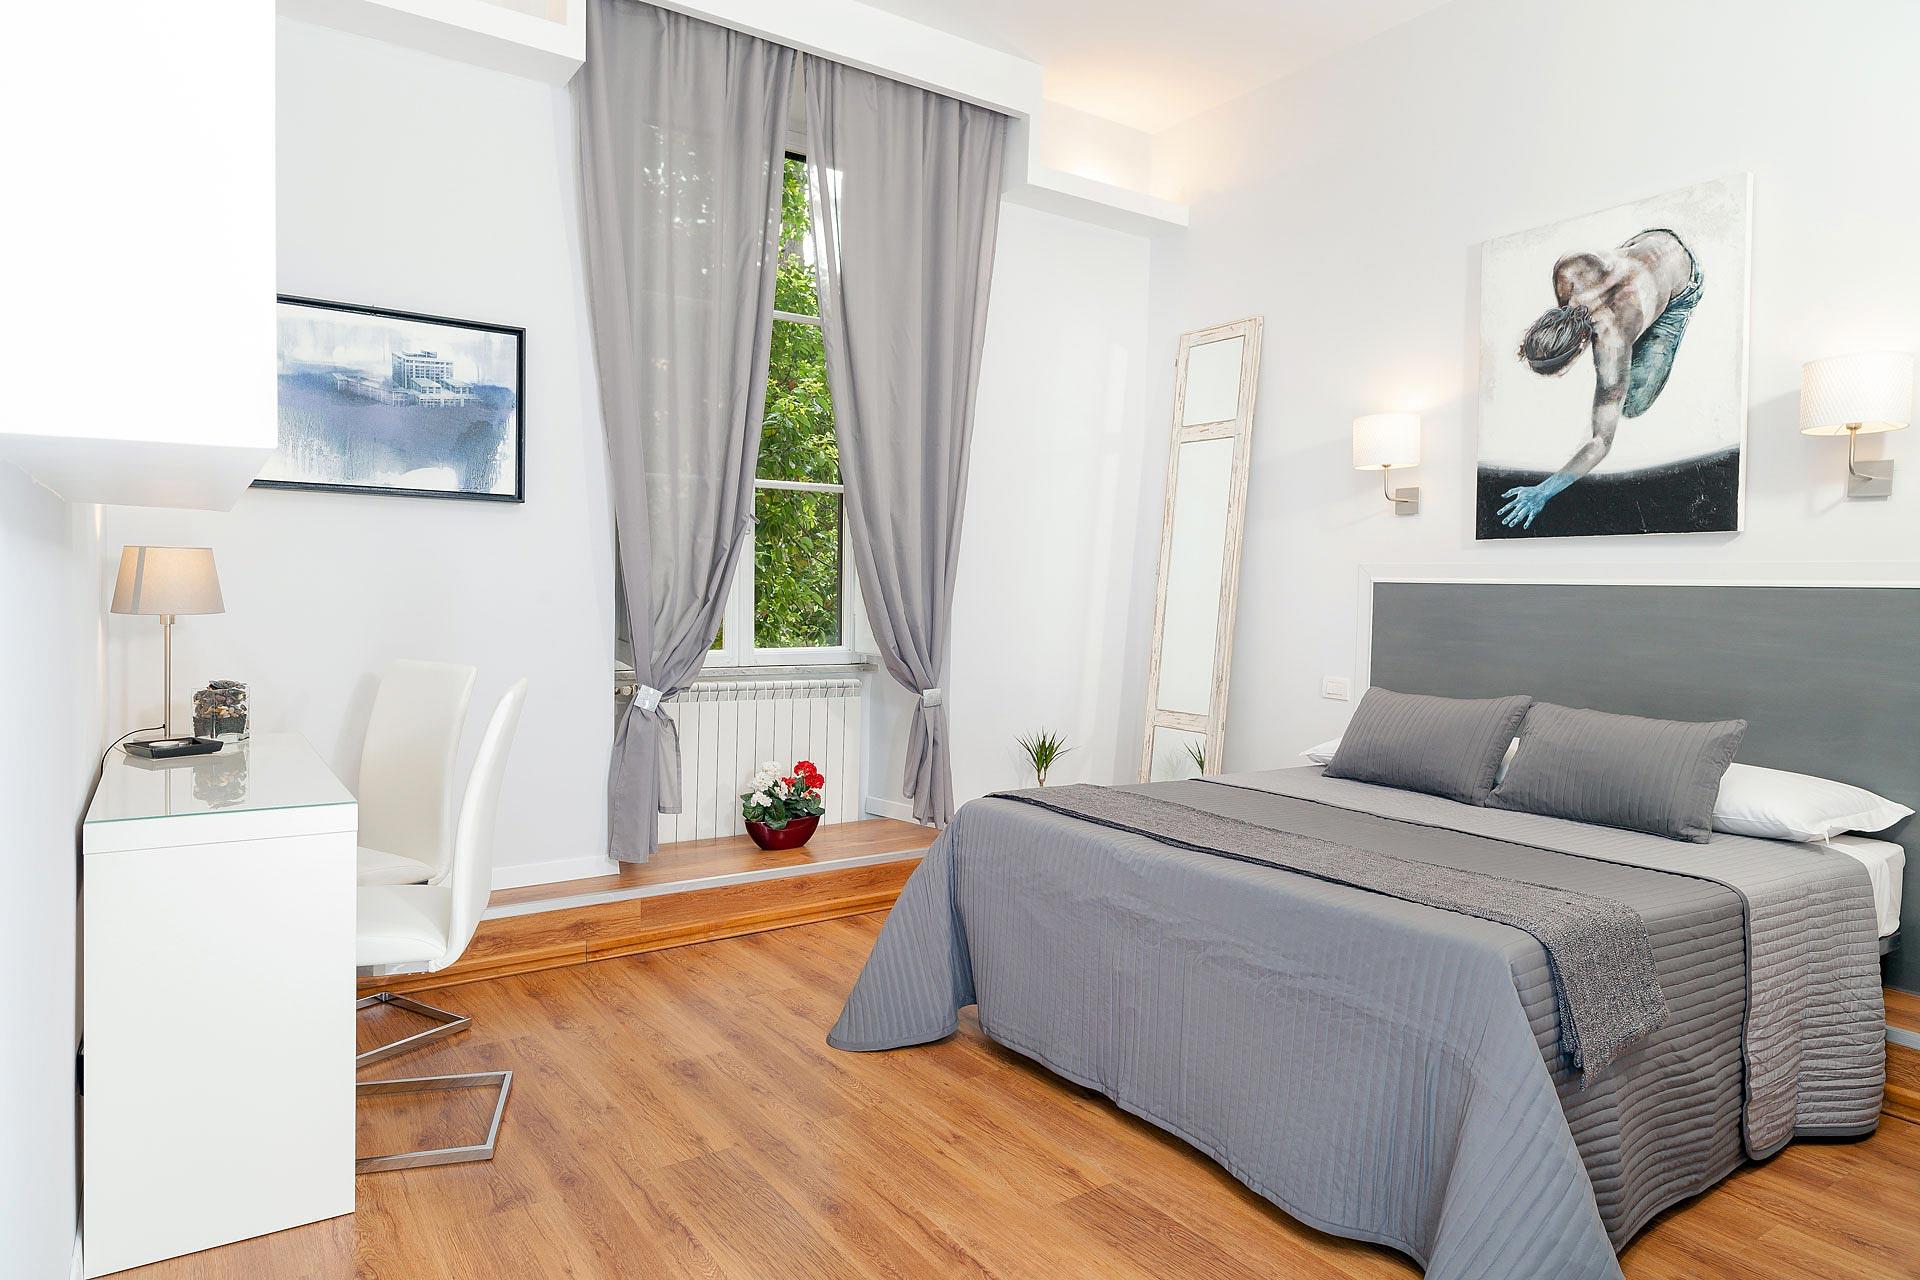 foto-bed-and-breakfast-fotografo-architettura-interni2